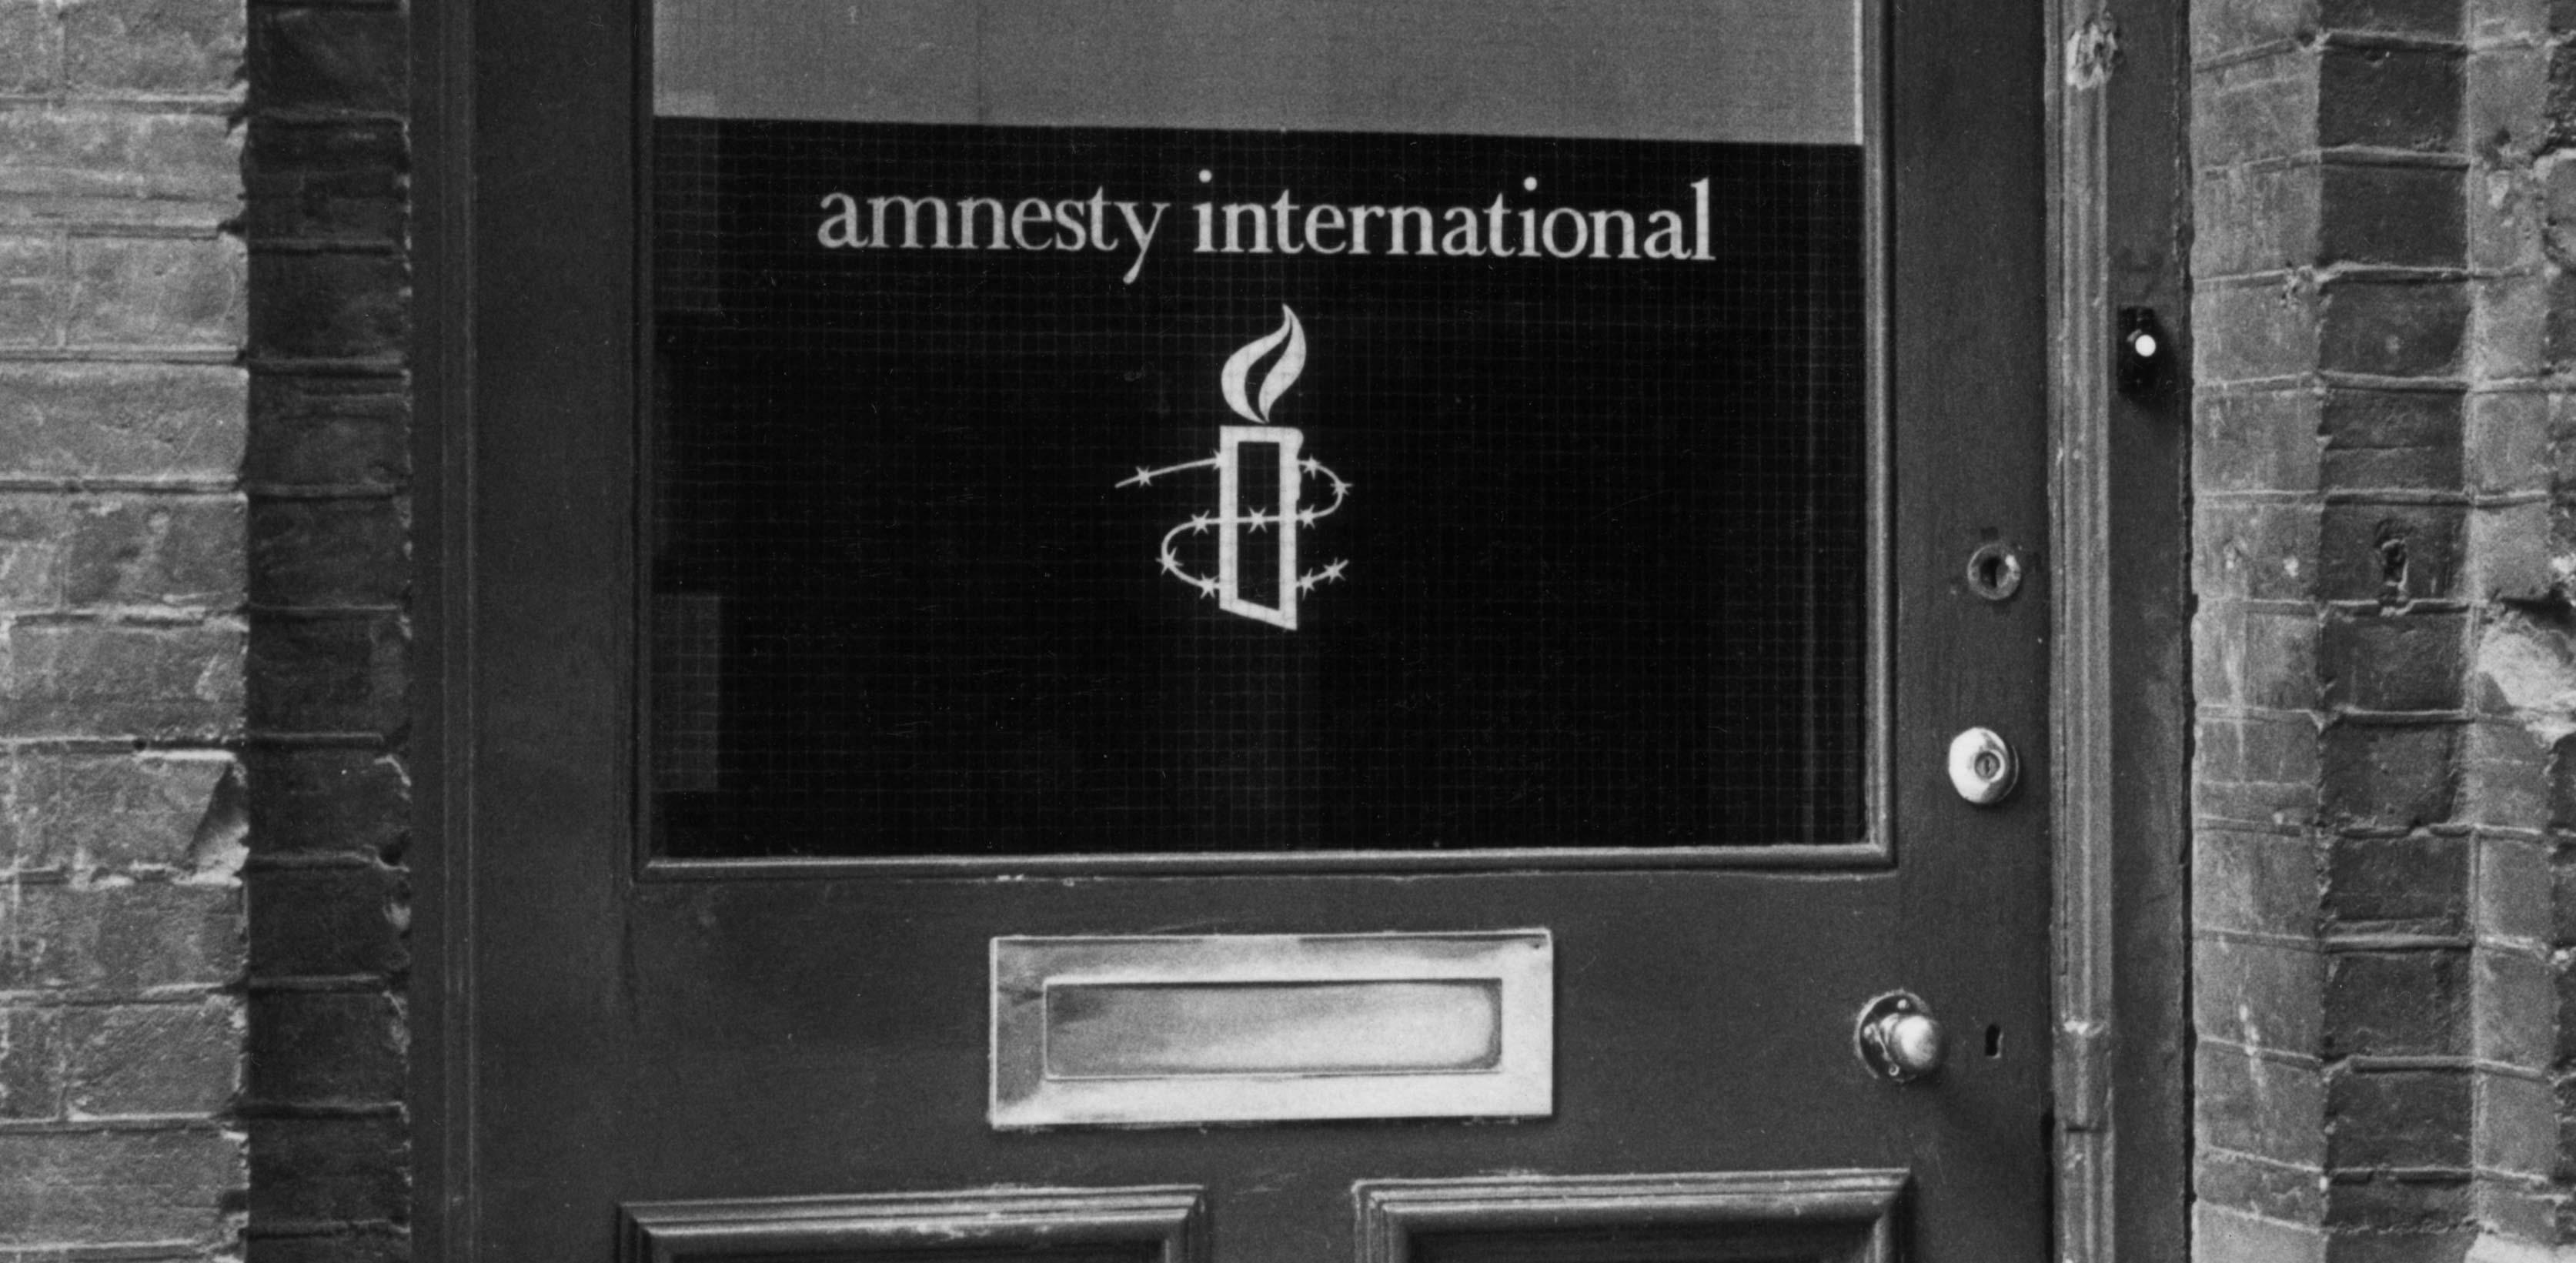 امنستي تطلق تطبيقاً لتعليم حقوق الإنسان للجيل القادم من النشطاء